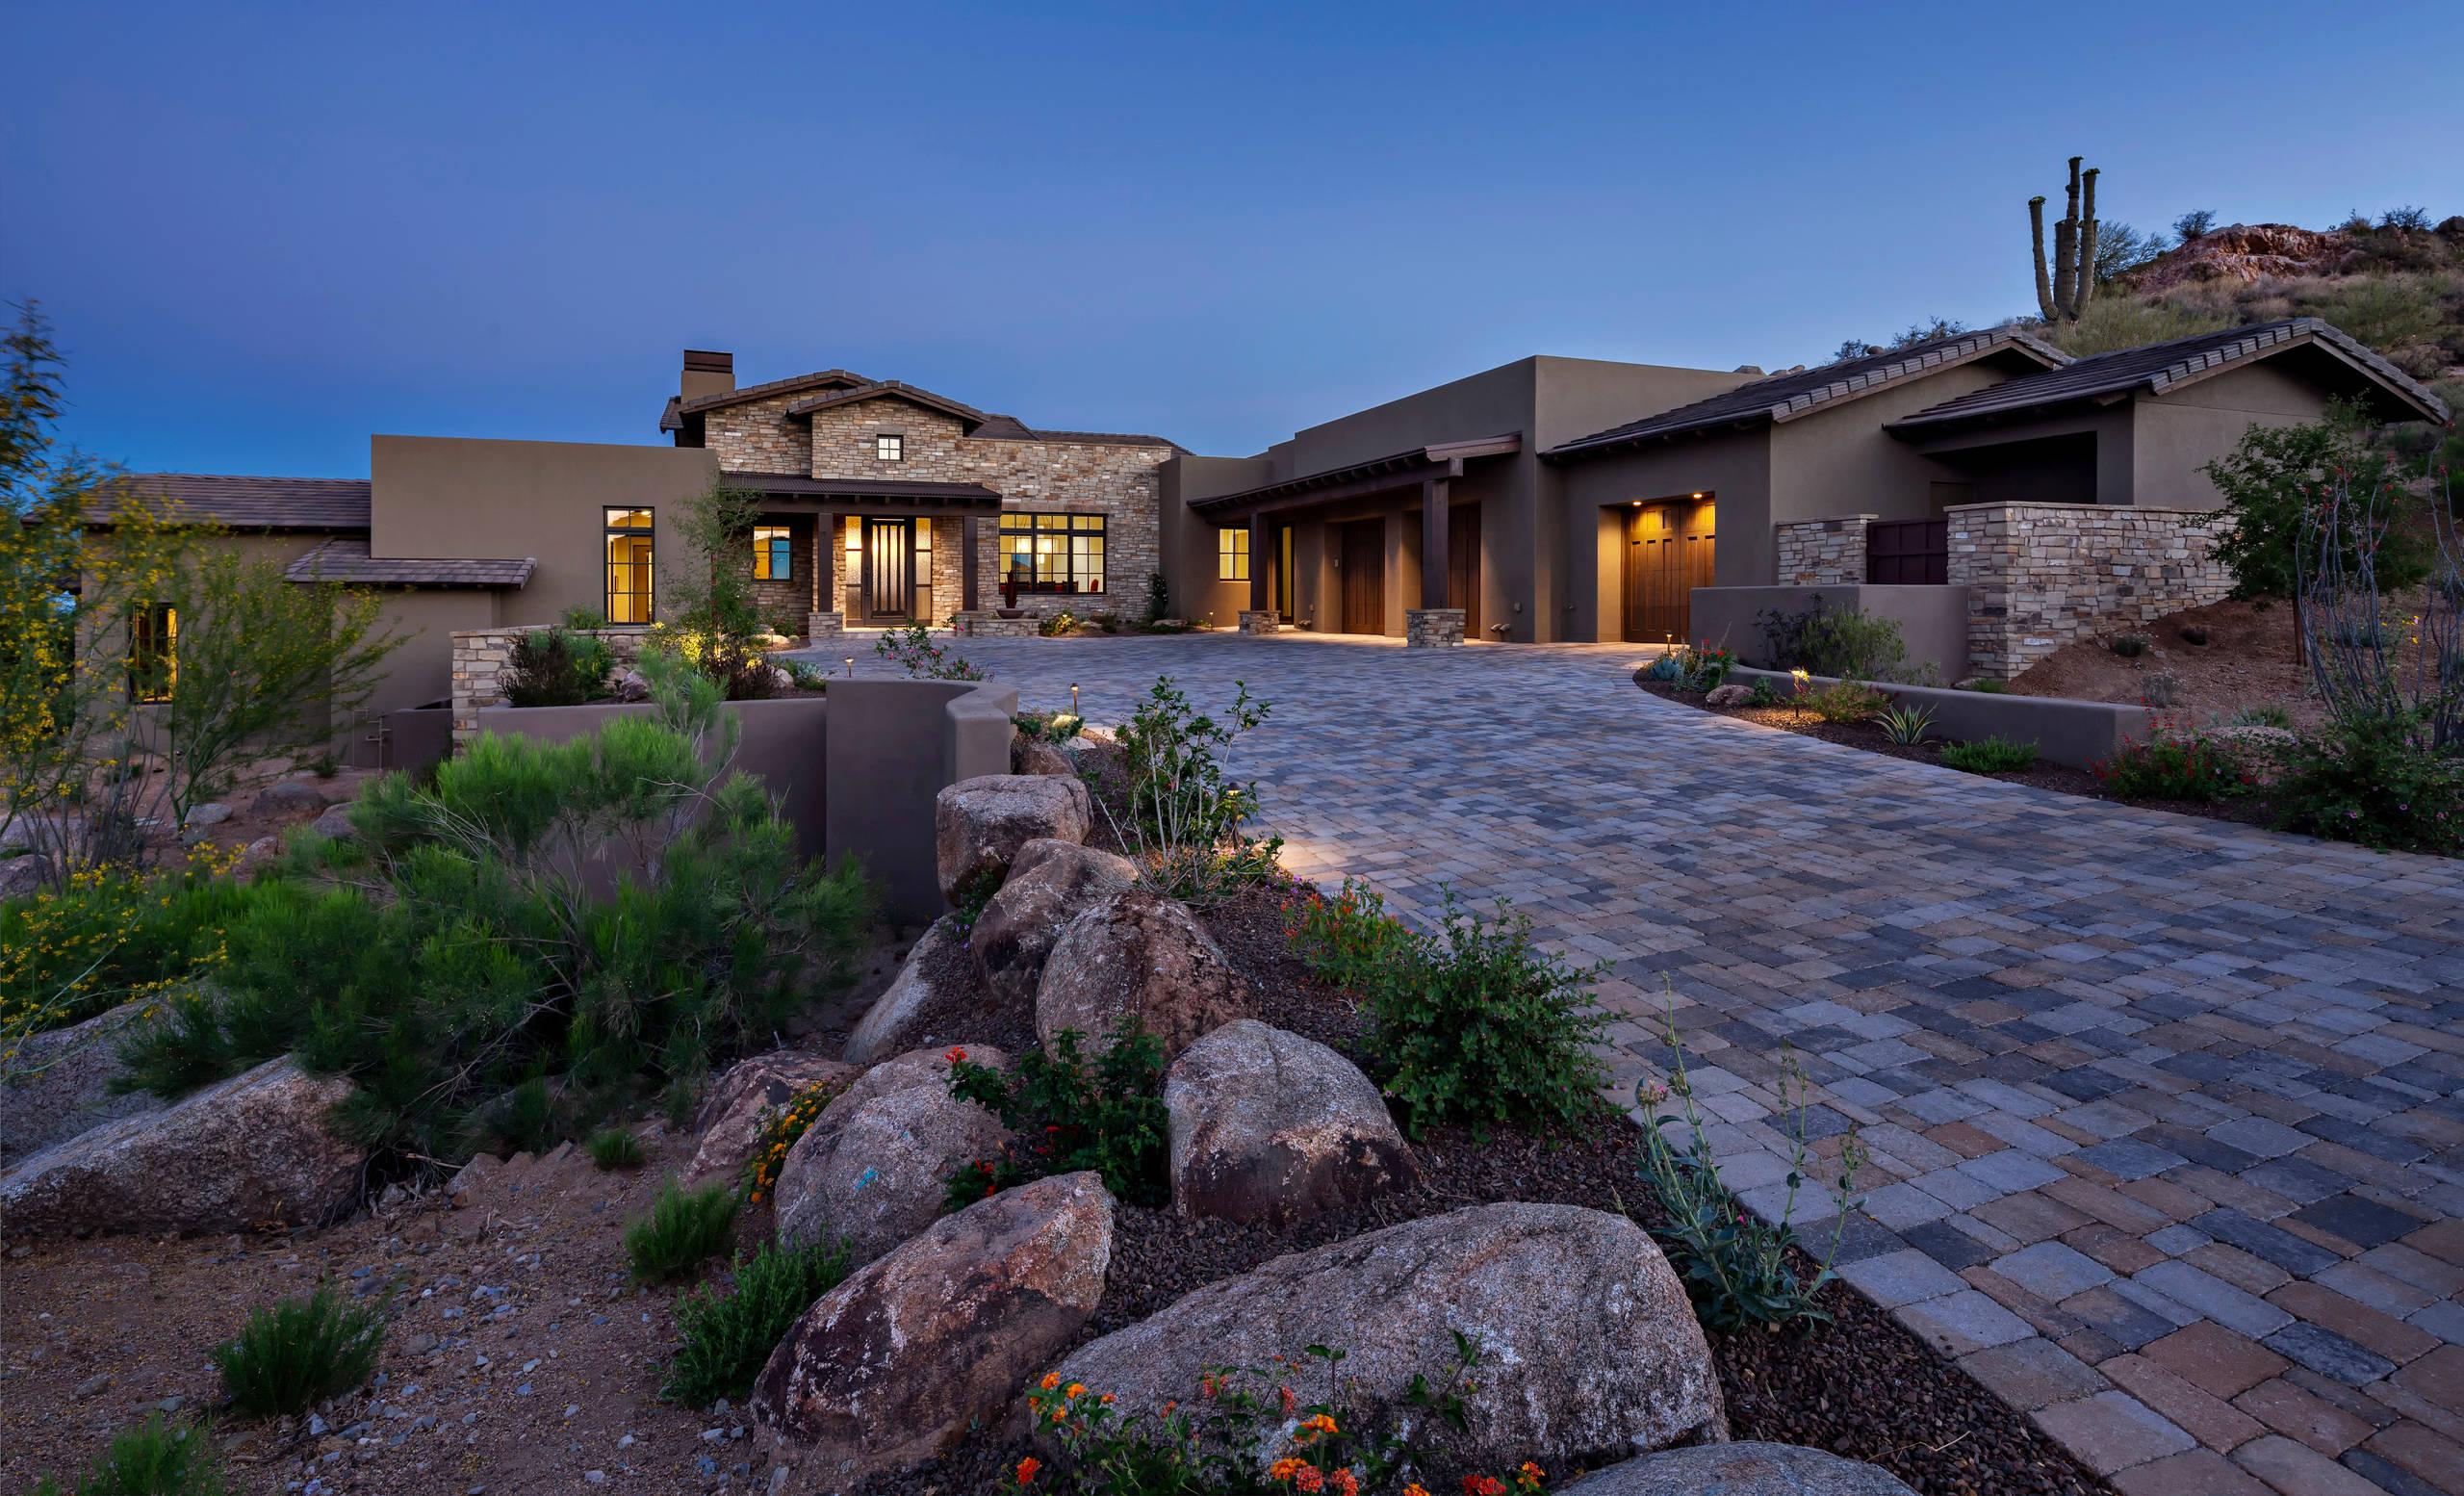 Rose Quartz house in Desert Mountain